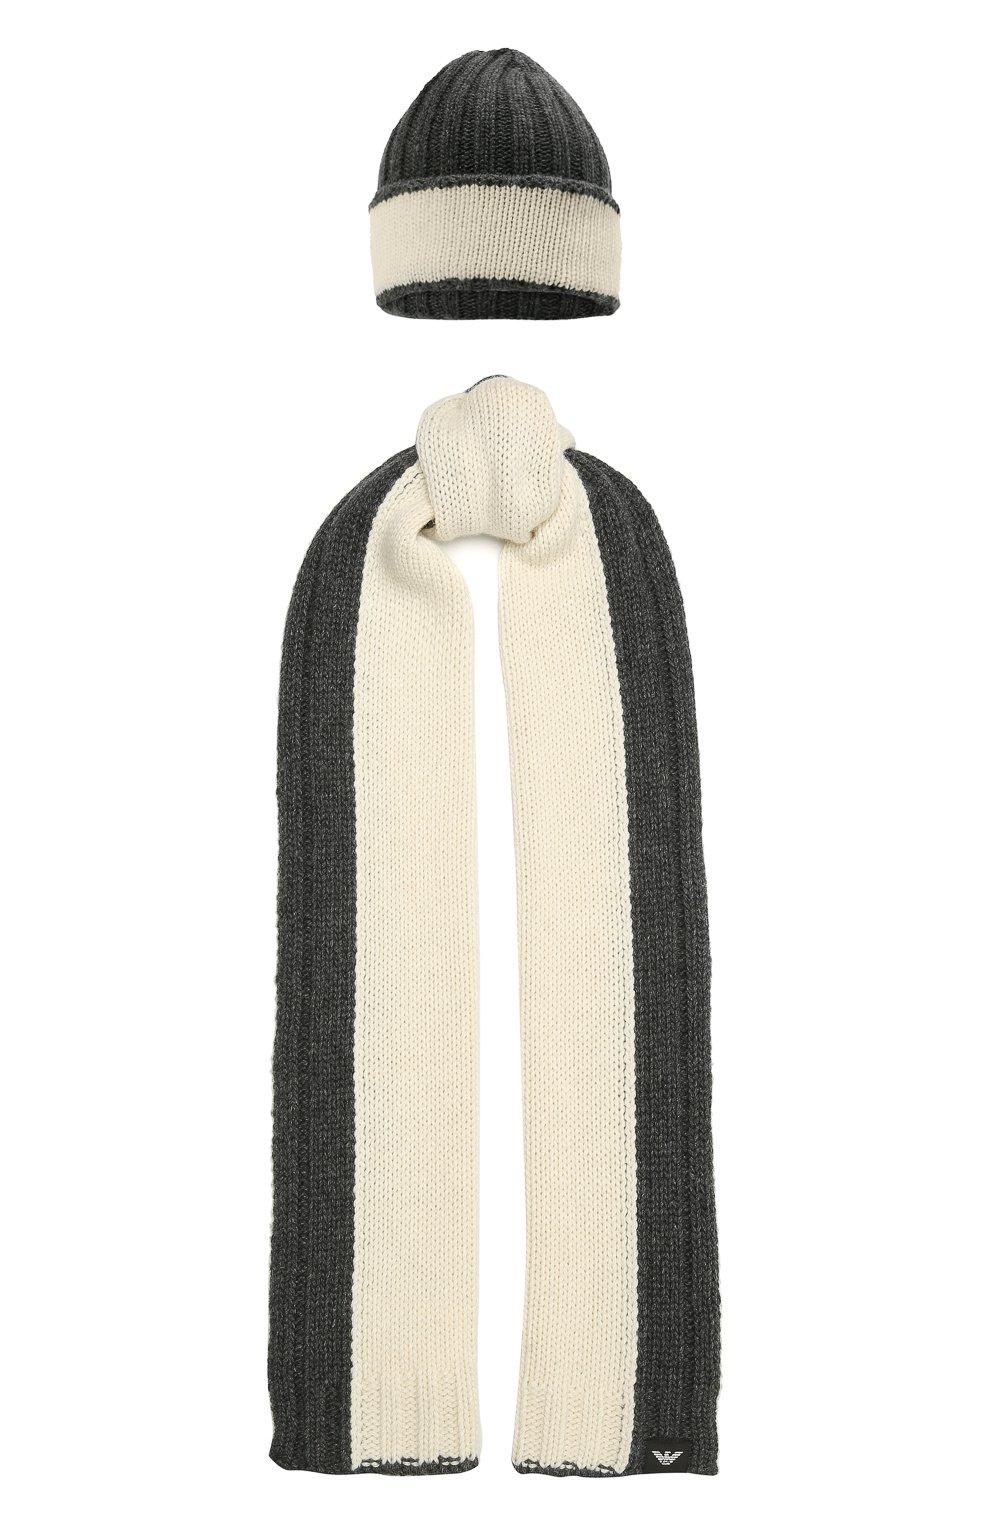 Детский комплект из шапки и шарфа EMPORIO ARMANI серого цвета, арт. 407515/1A767 | Фото 1 (Материал: Текстиль, Шерсть, Вискоза)